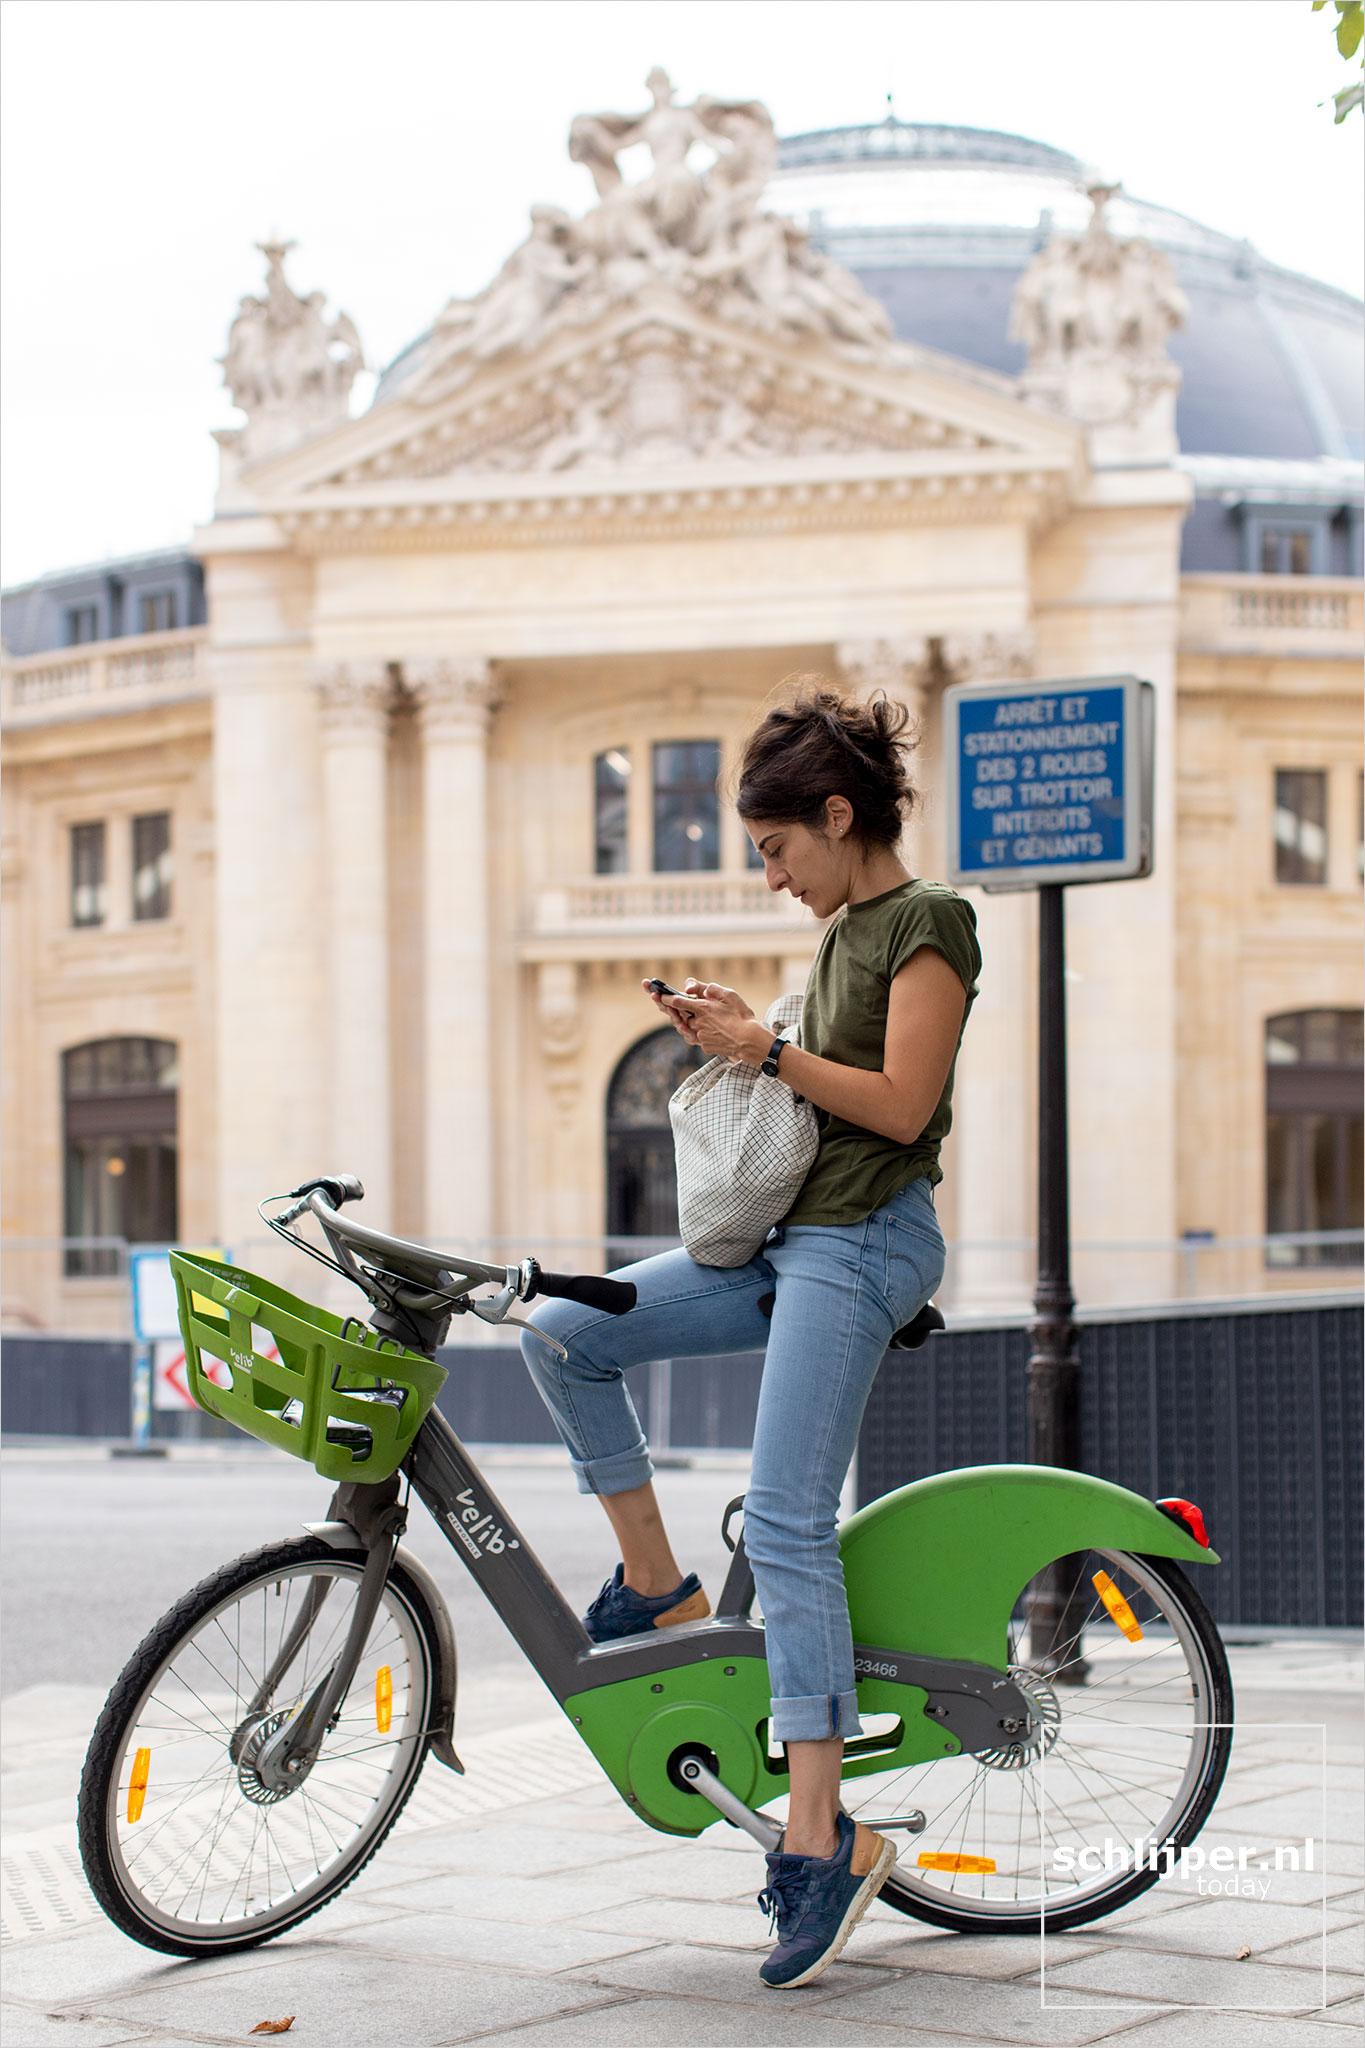 France, Paris, 14 juli 2020